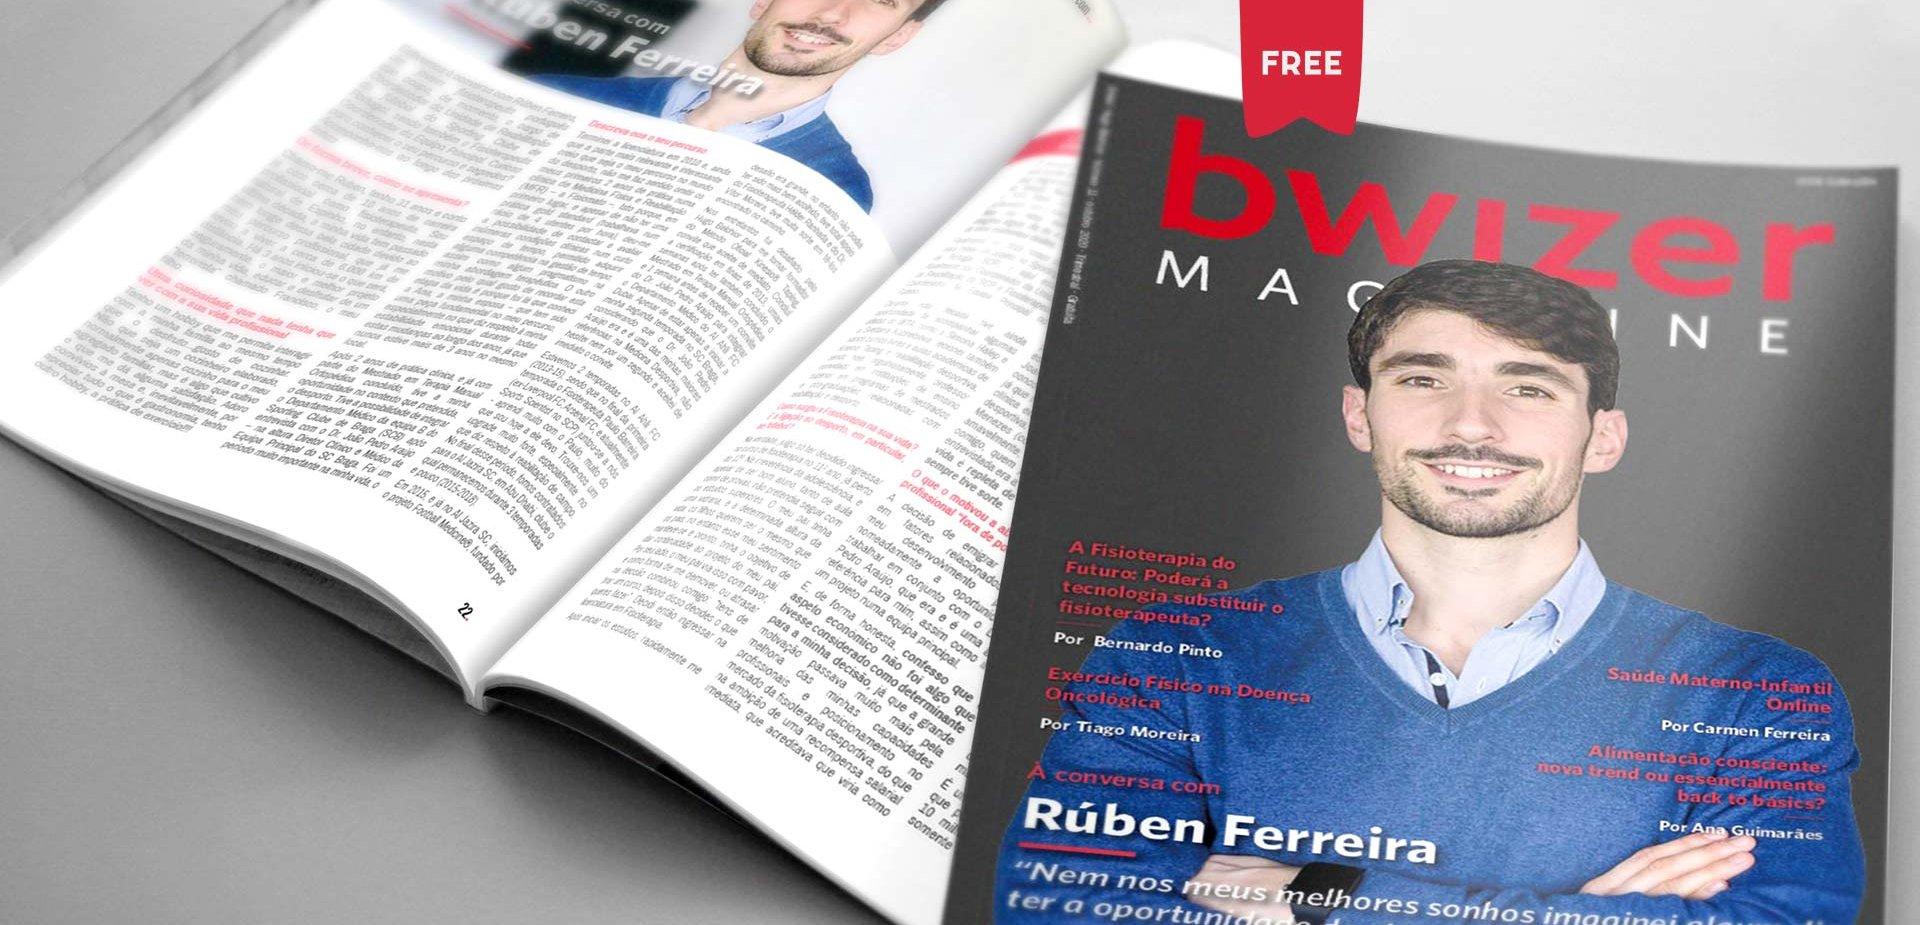 À conversa com Rúben Ferreira (Bwizer Magazine)